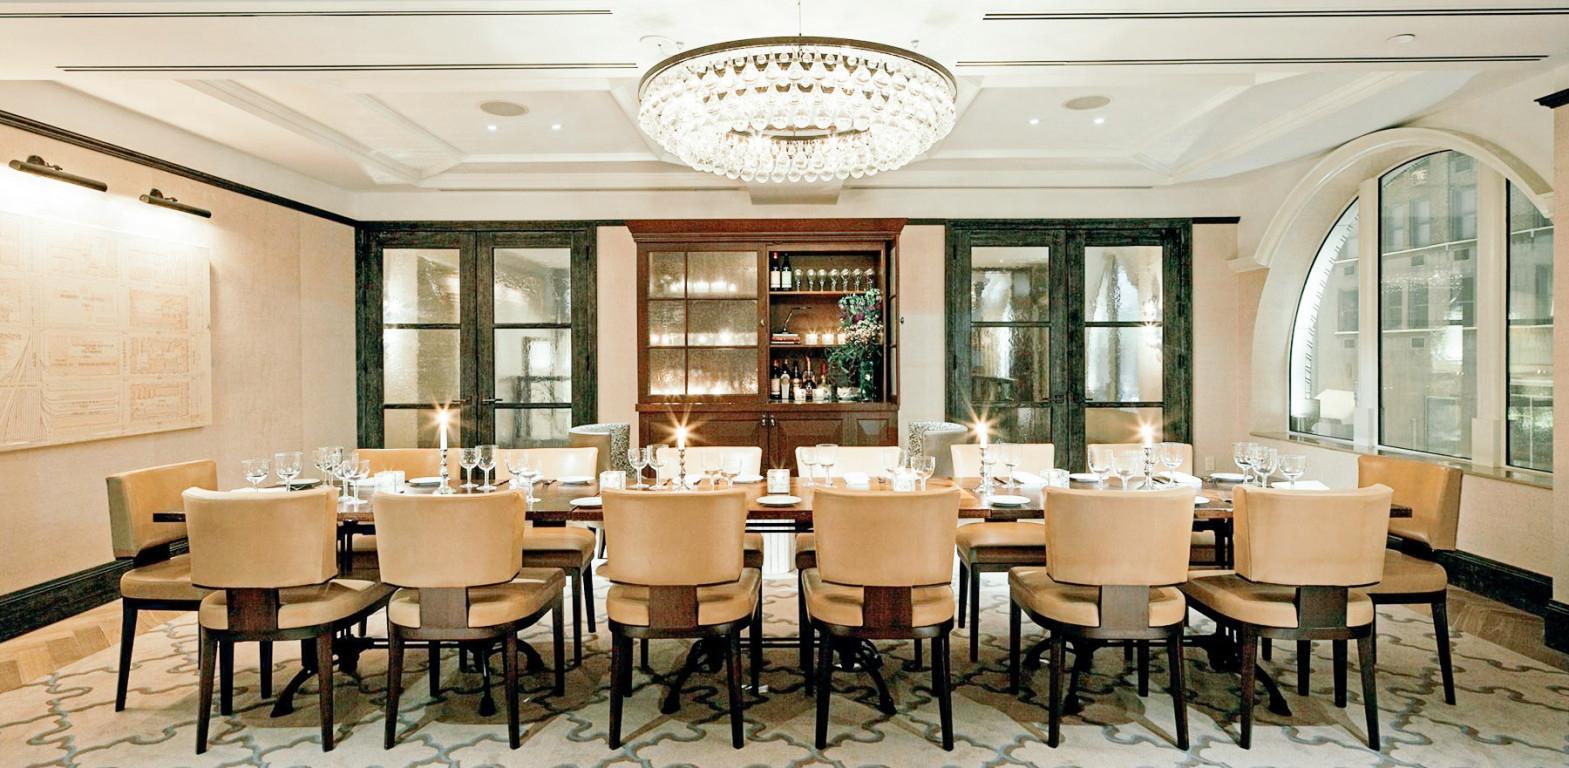 Benjamin Hotel private dining room